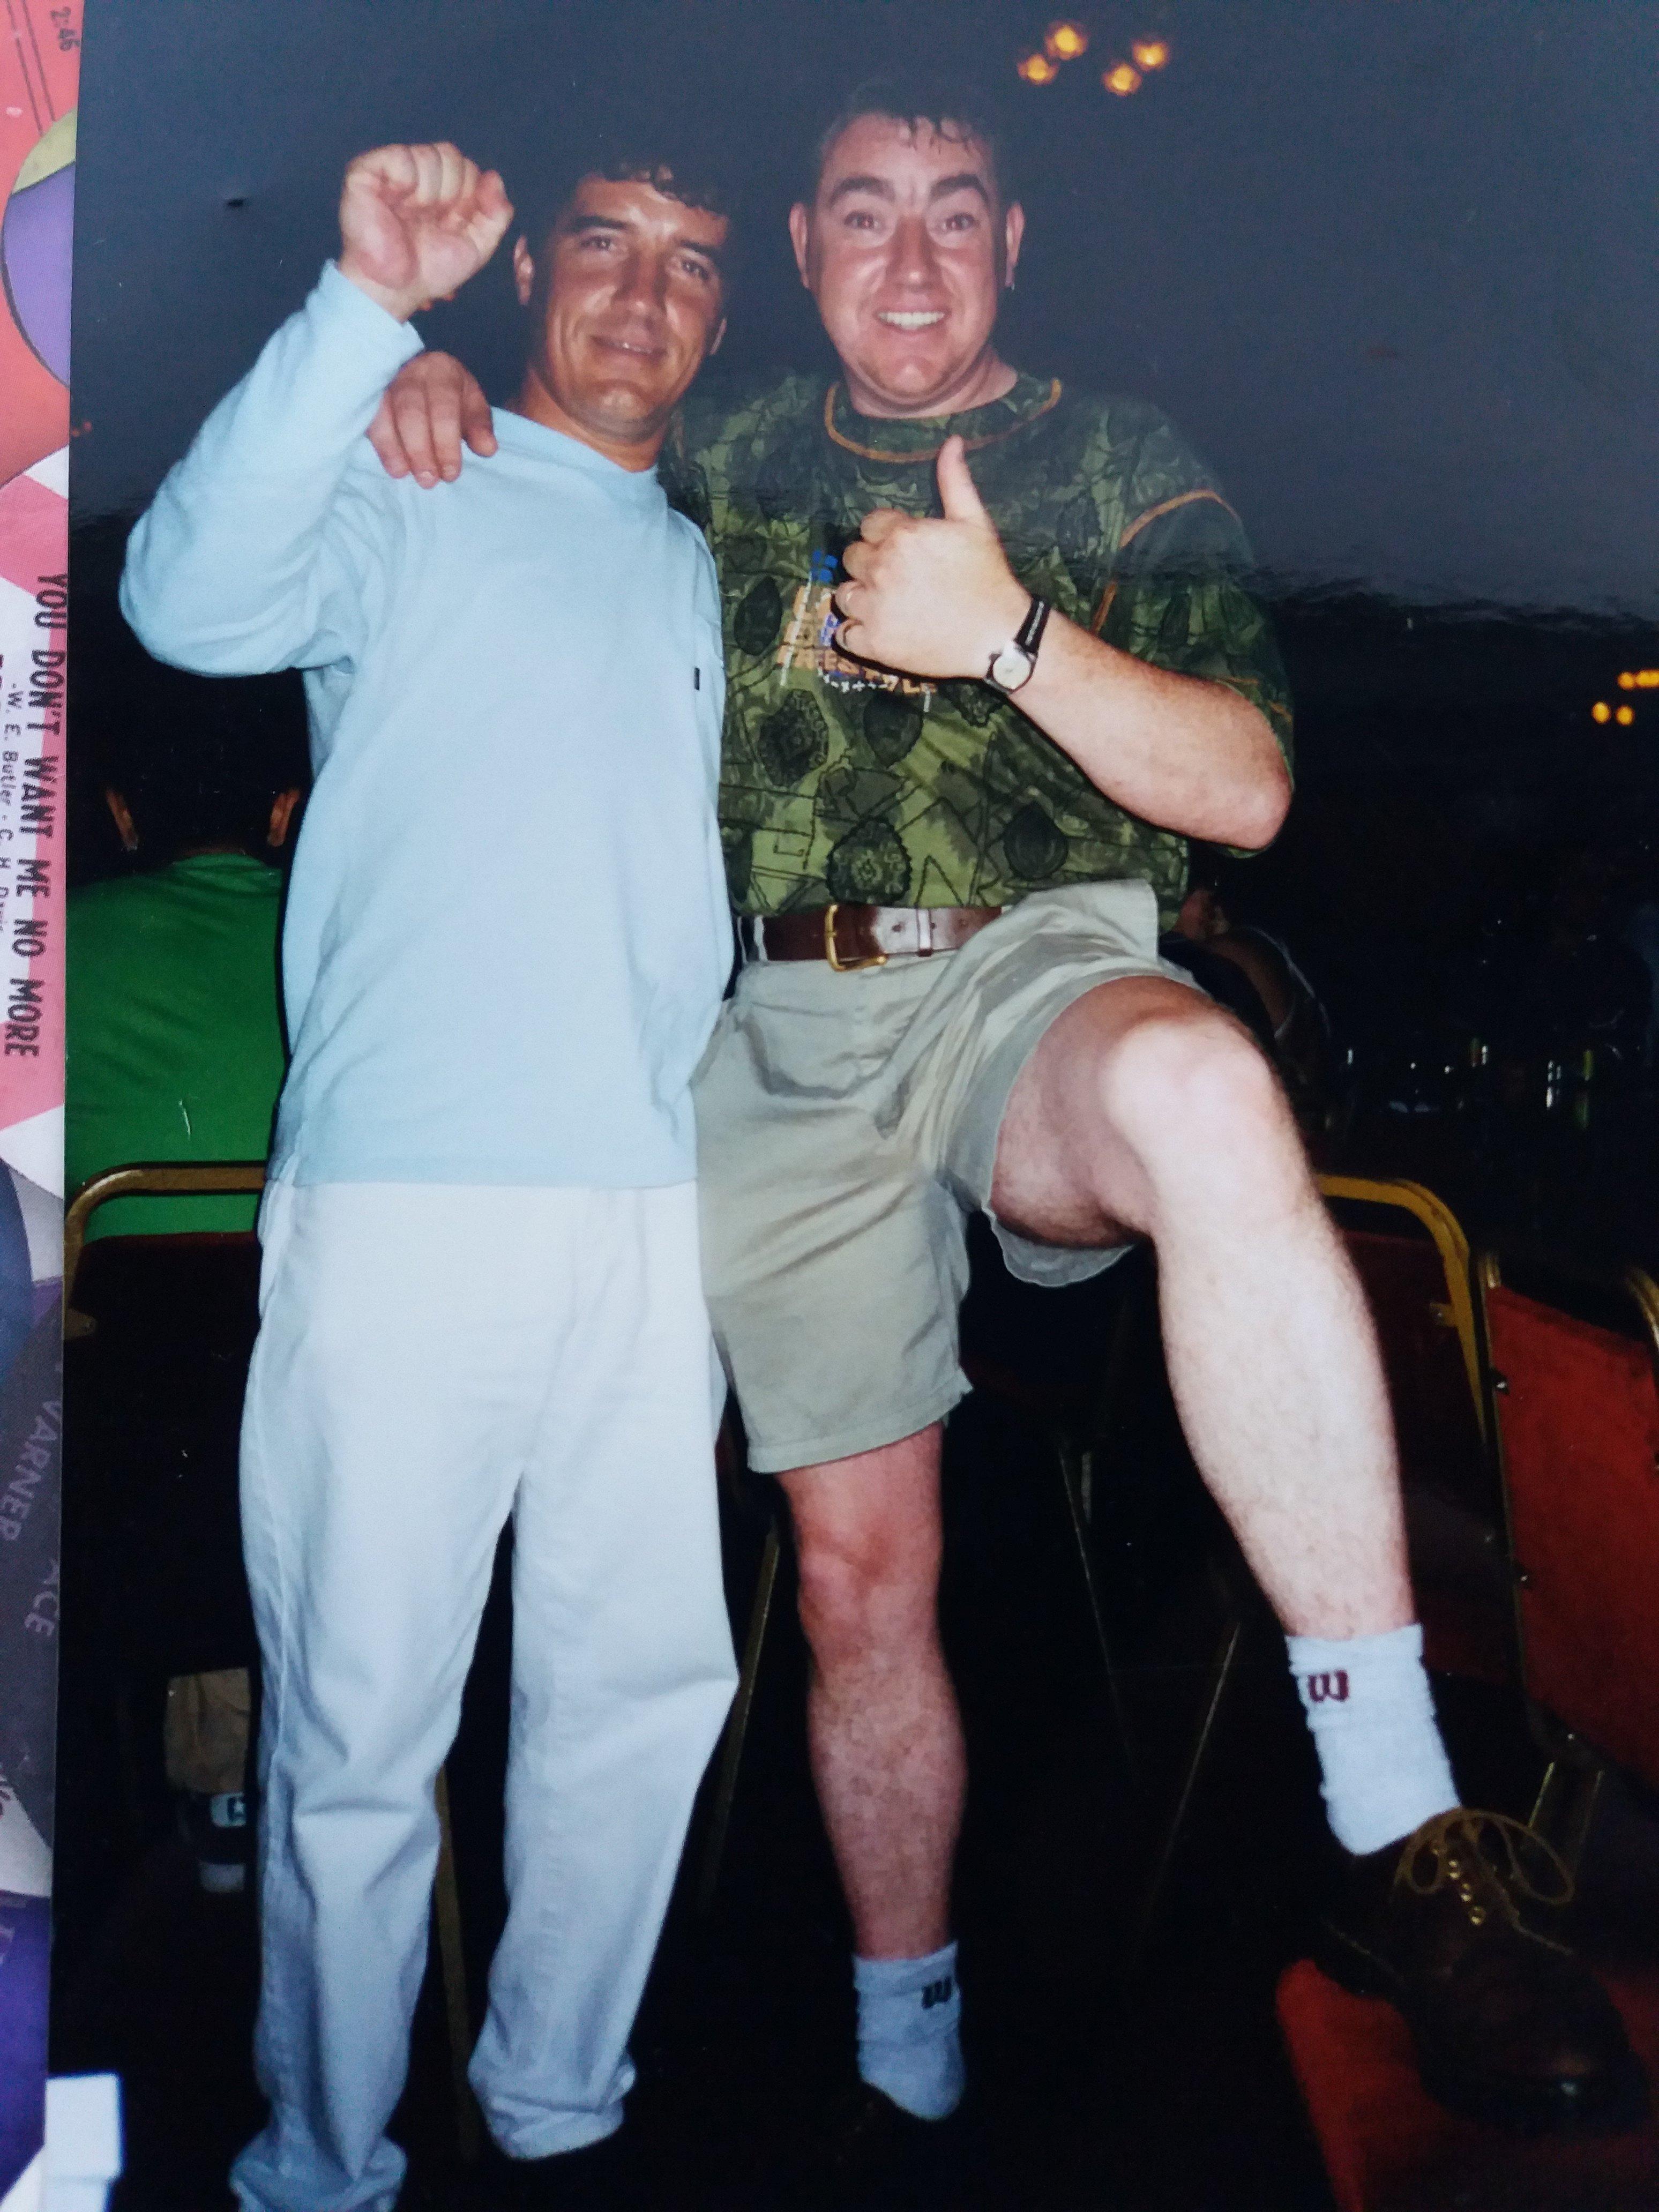 Rob Cooke source profile cover photo